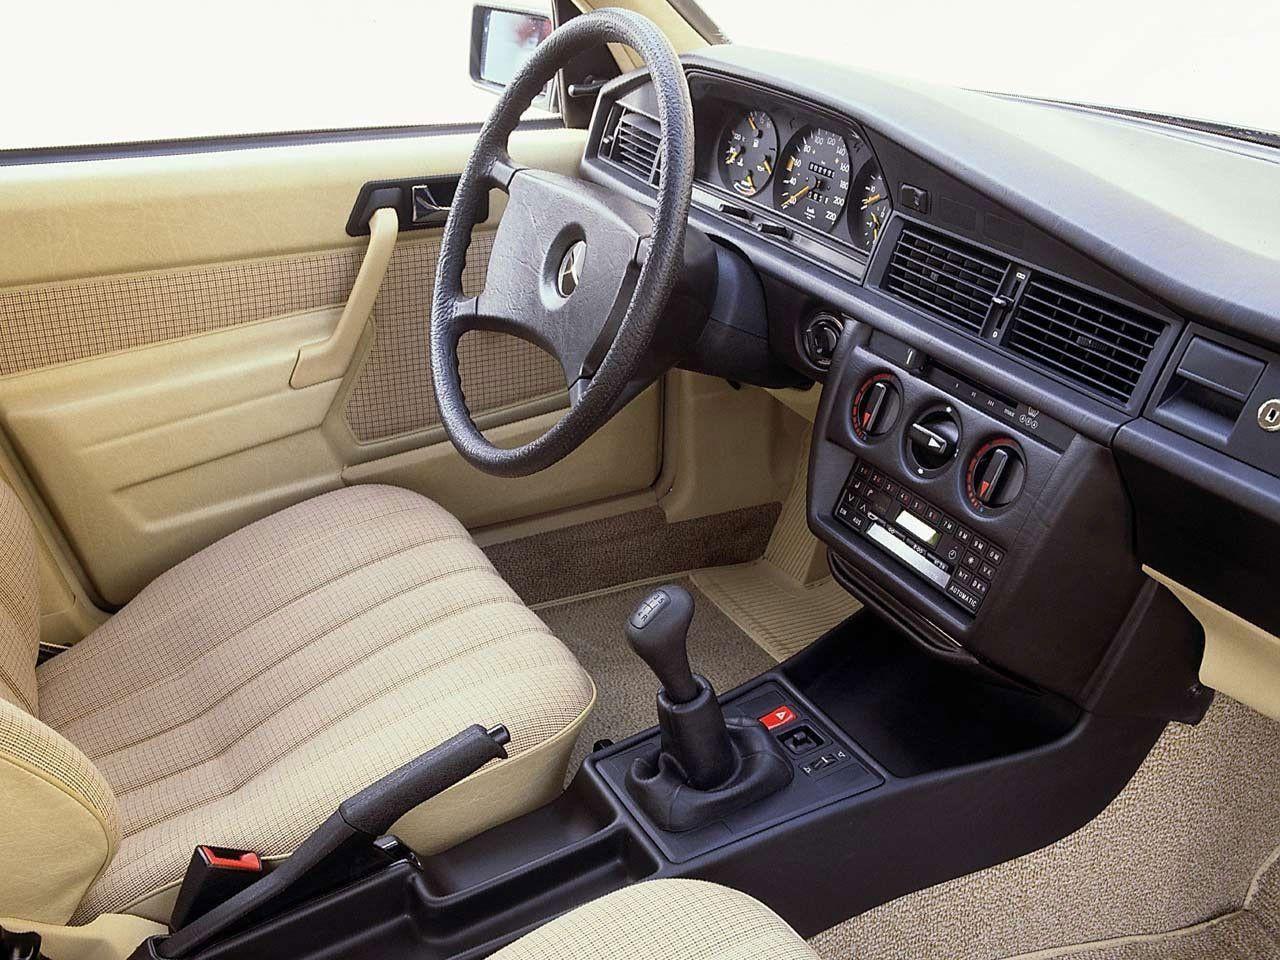 Mercedes 190e 16 mercedes benz 190benz ecar interiorsclassic